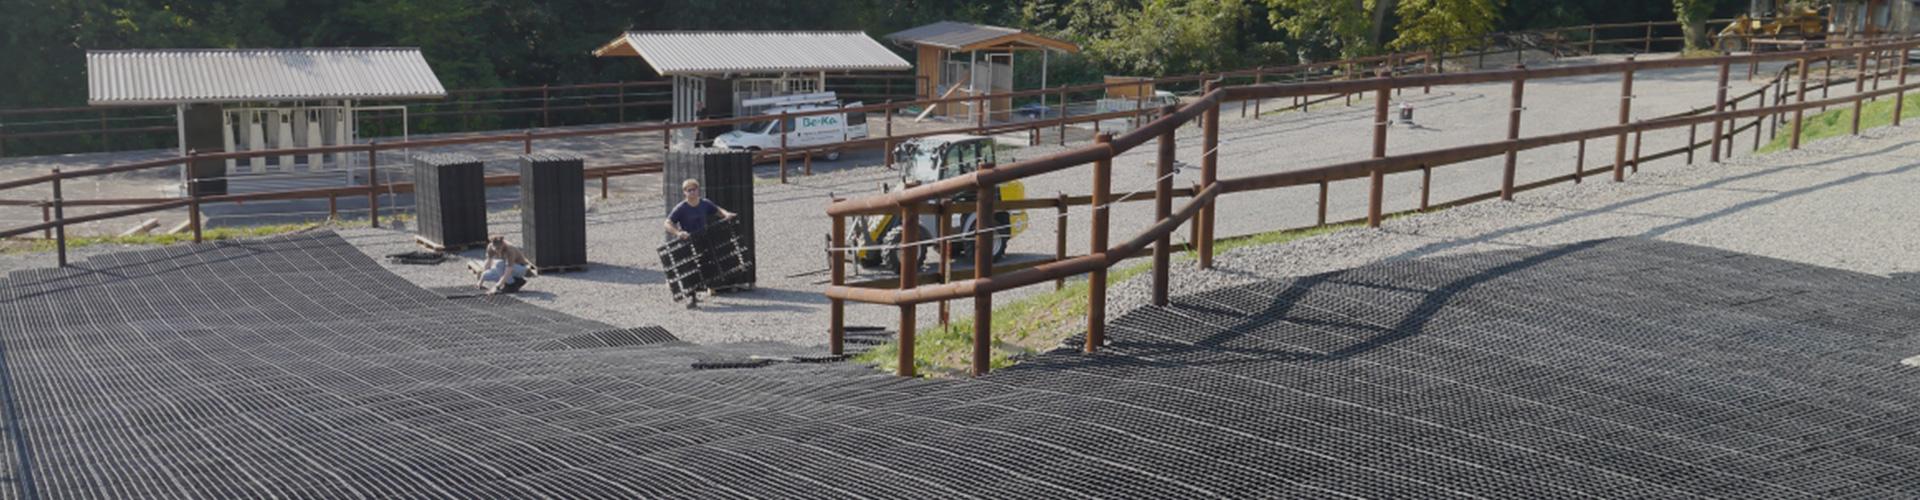 dalles-de-stabilisation-sol-equestre-chevaux Dalles de stabilisation